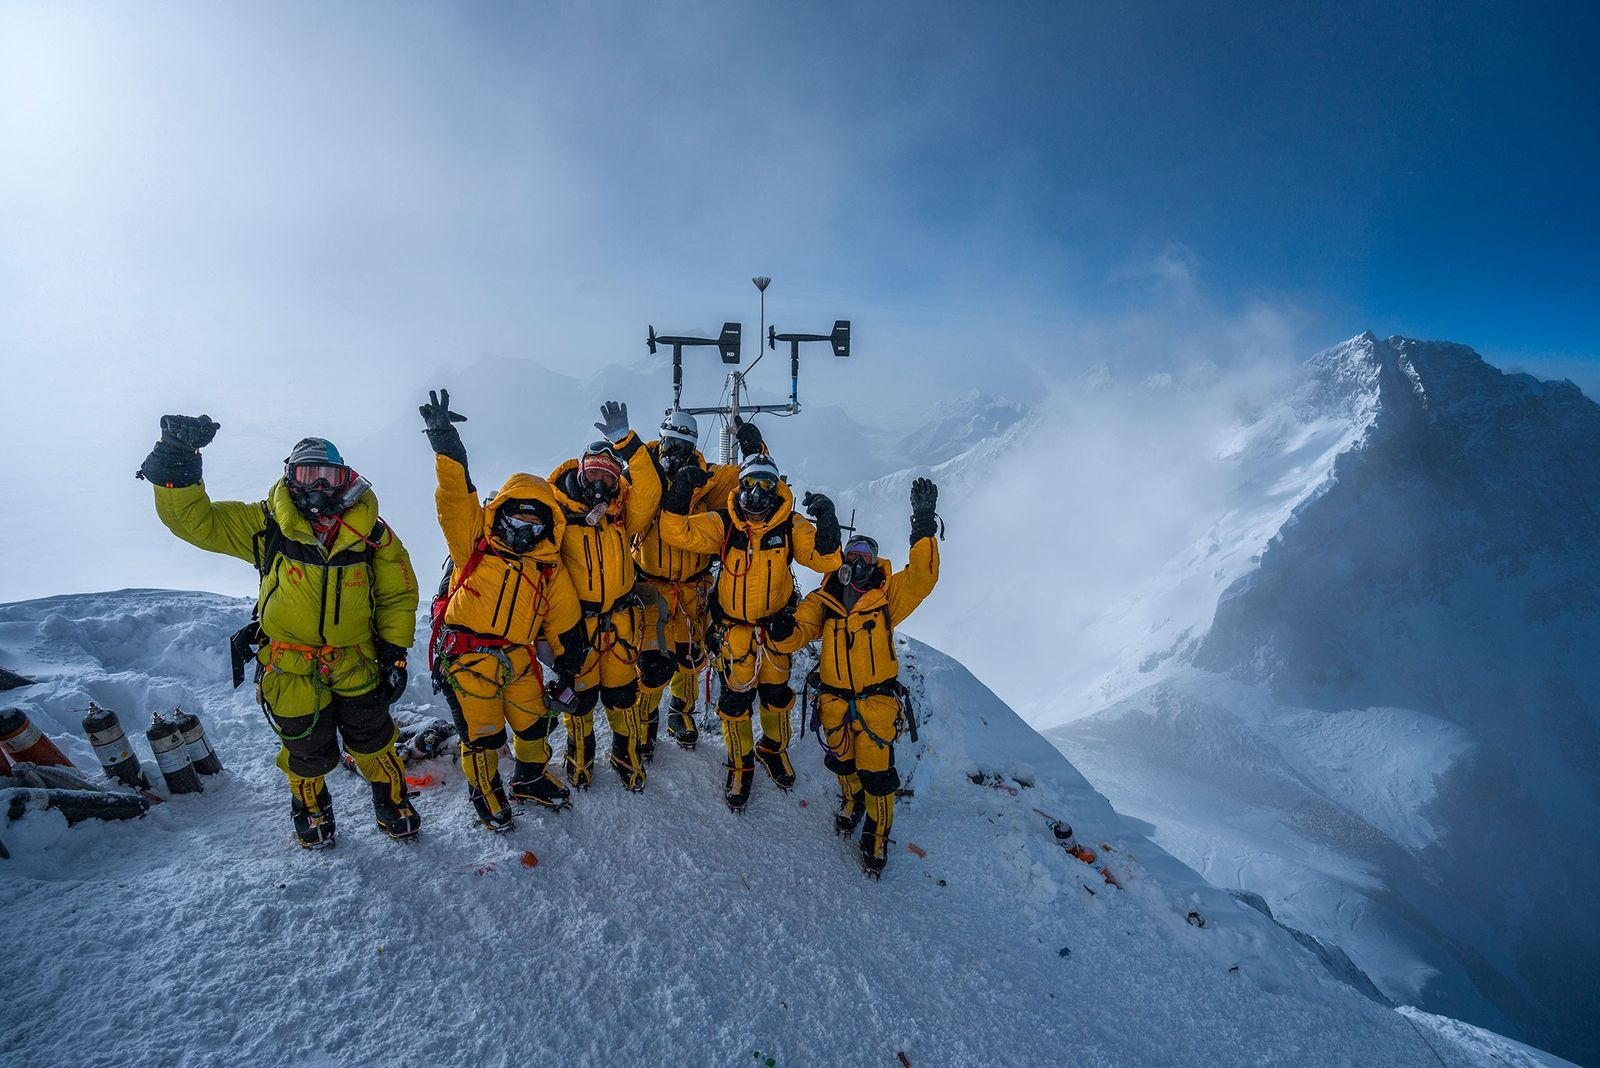 L'équipe fête l'installation réussie de leur dernière station météorologique, laquelle a déjà transmis des données à ...